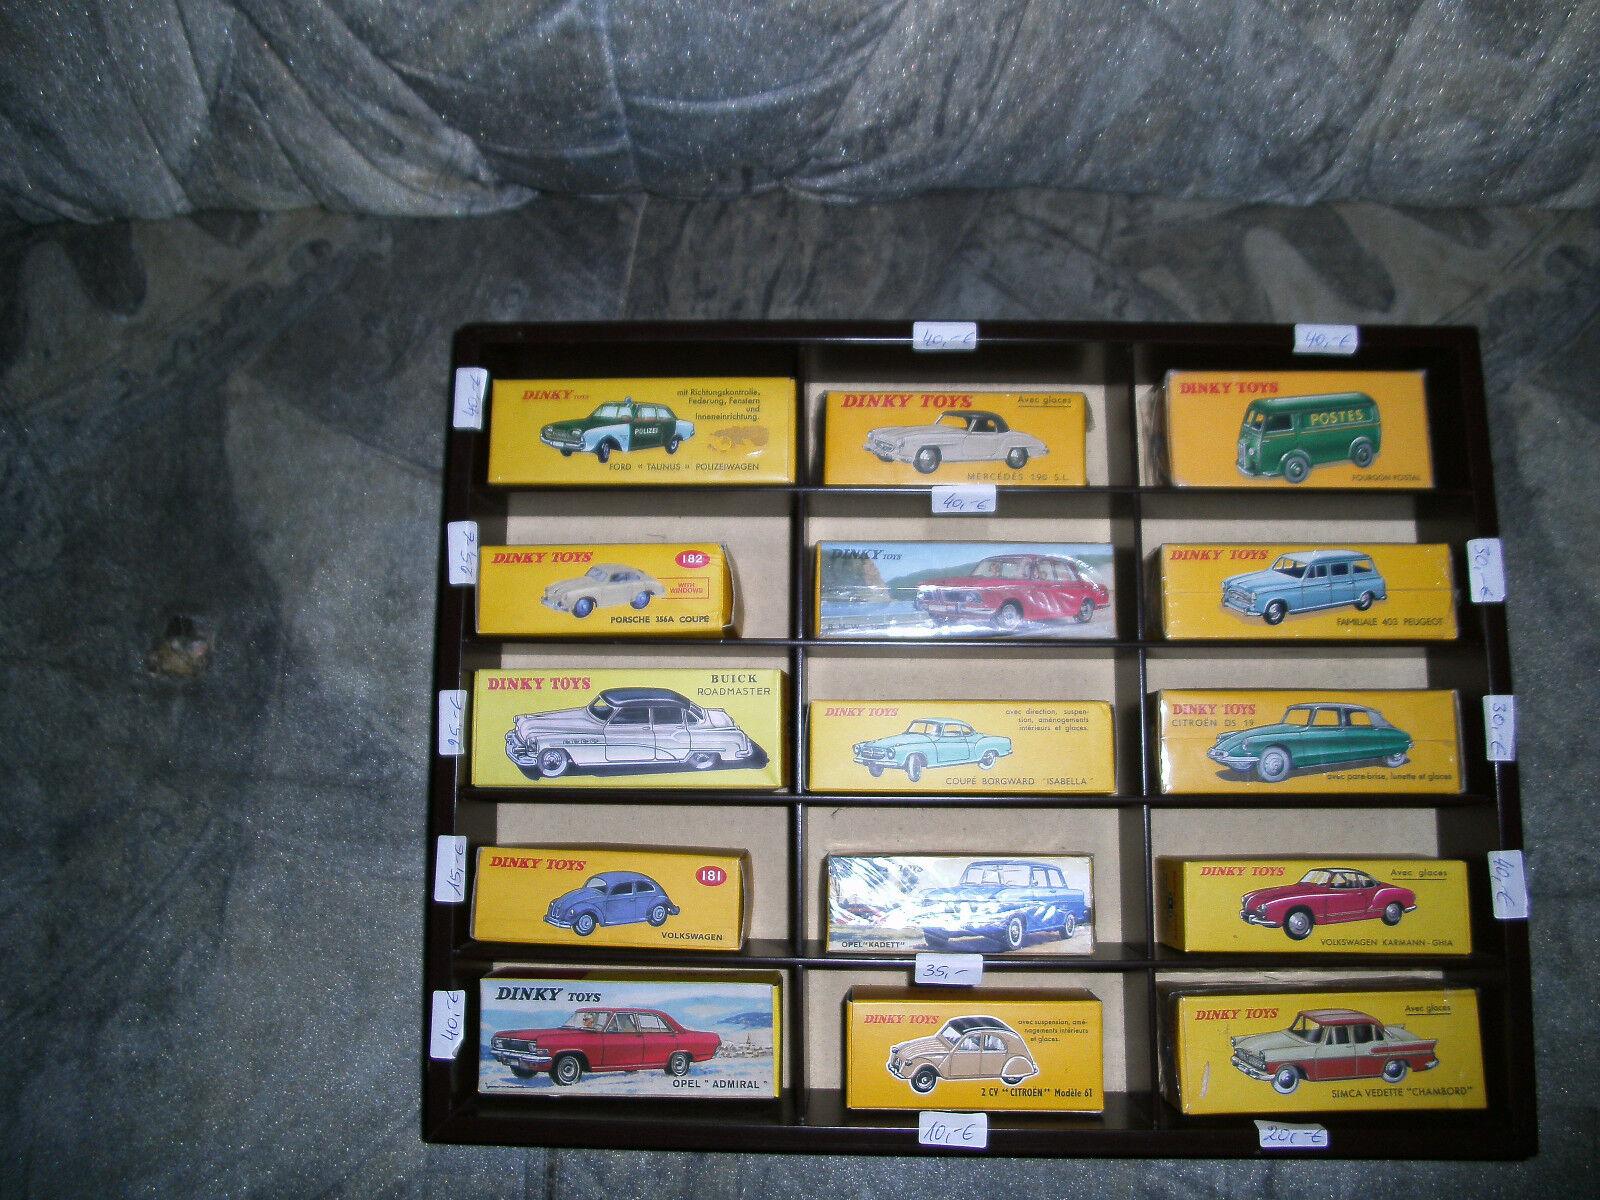 negozio online 1 la raccolta DINKY DINKY DINKY giocattoli modellololi  ordina ora i prezzi più bassi